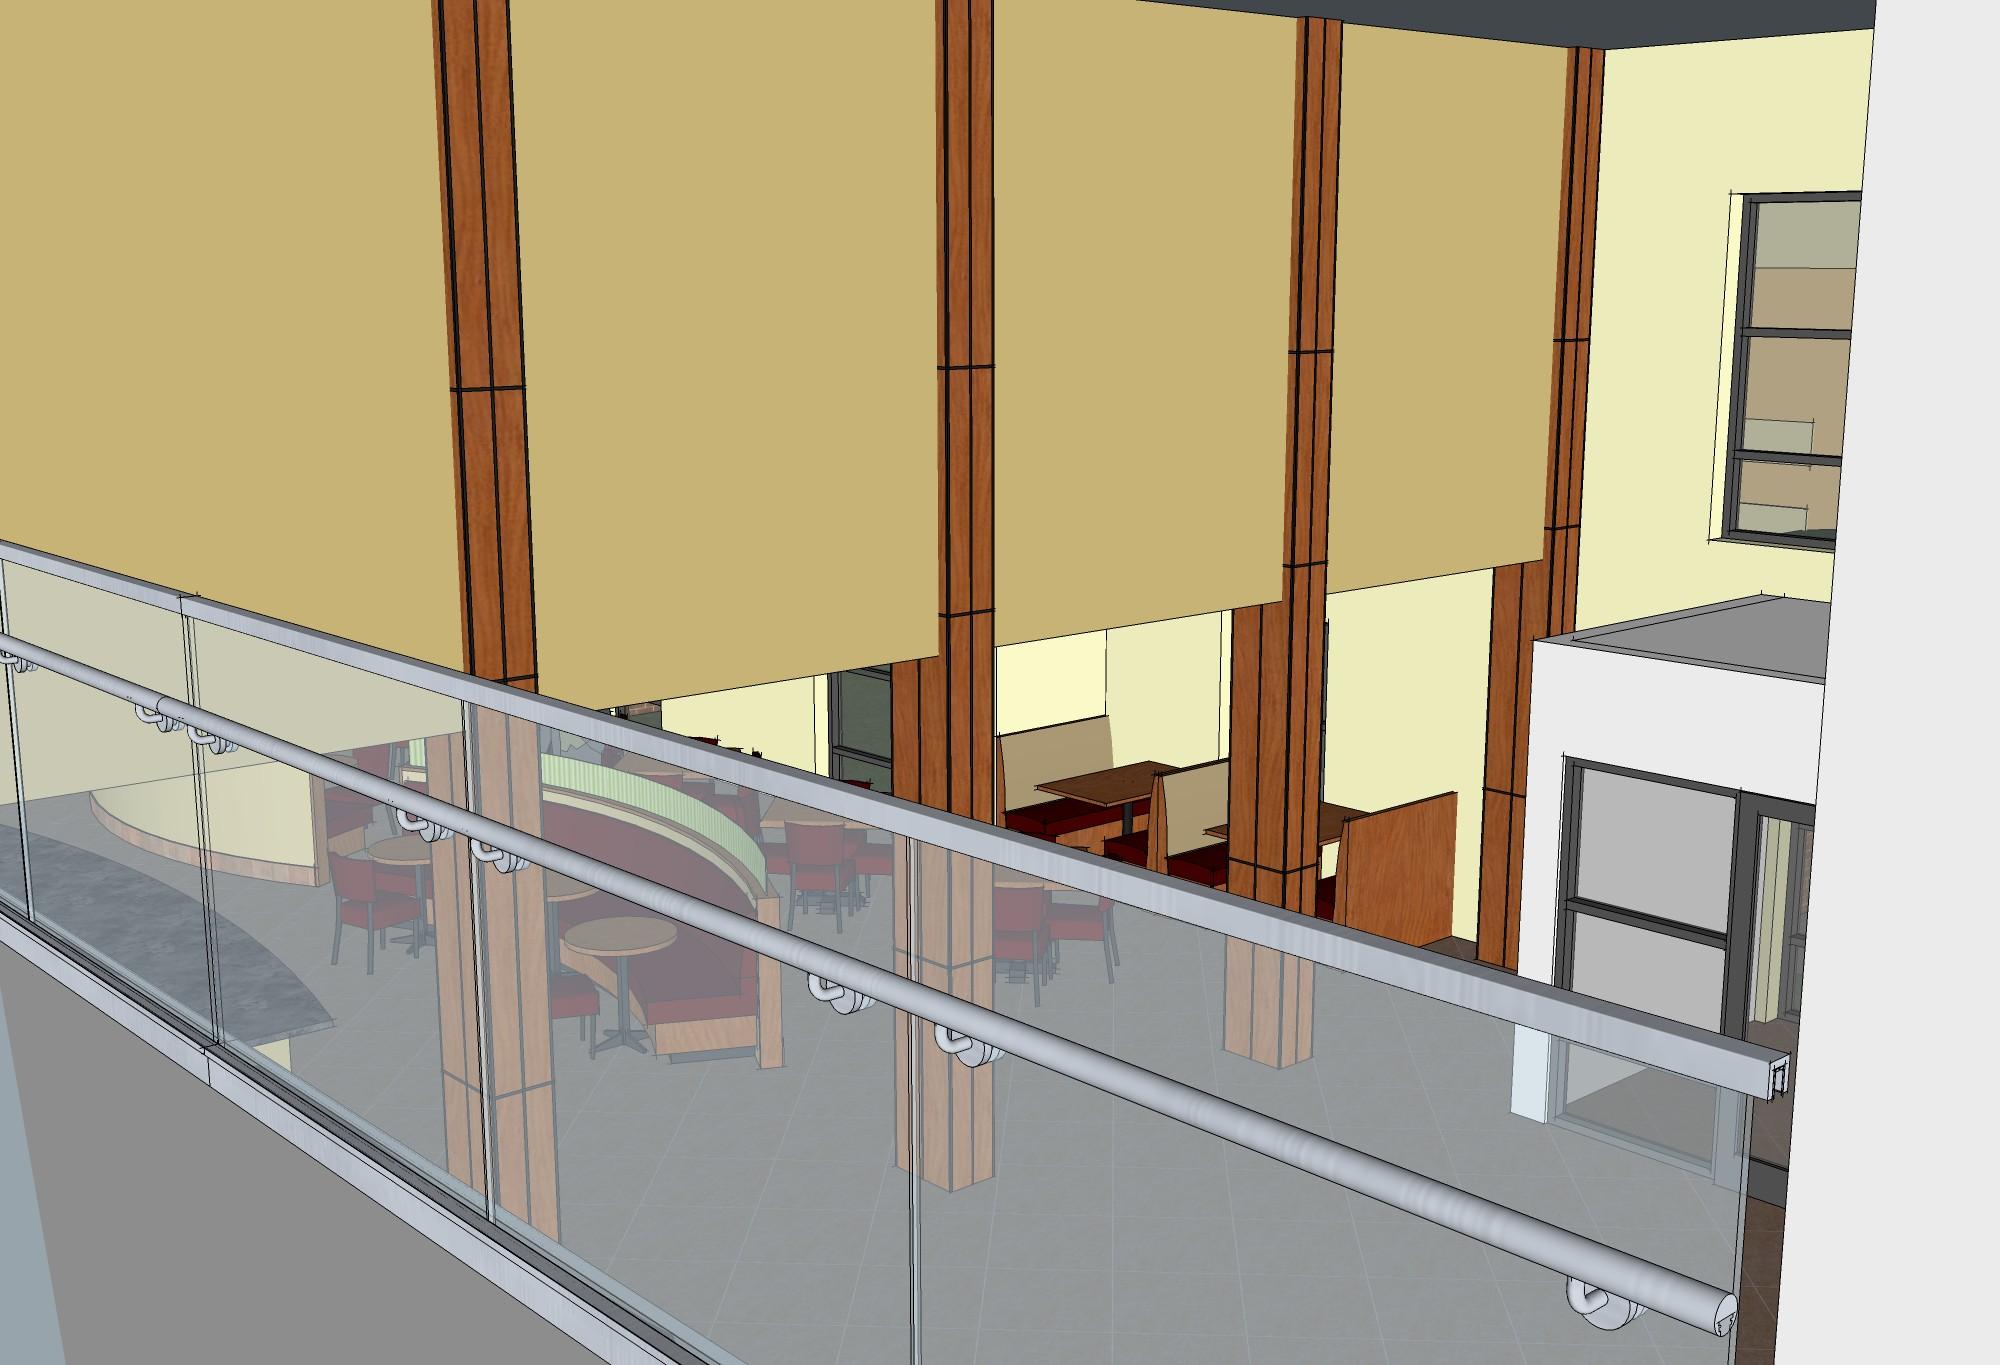 Holiday Inn NE_Interior 3.jpg